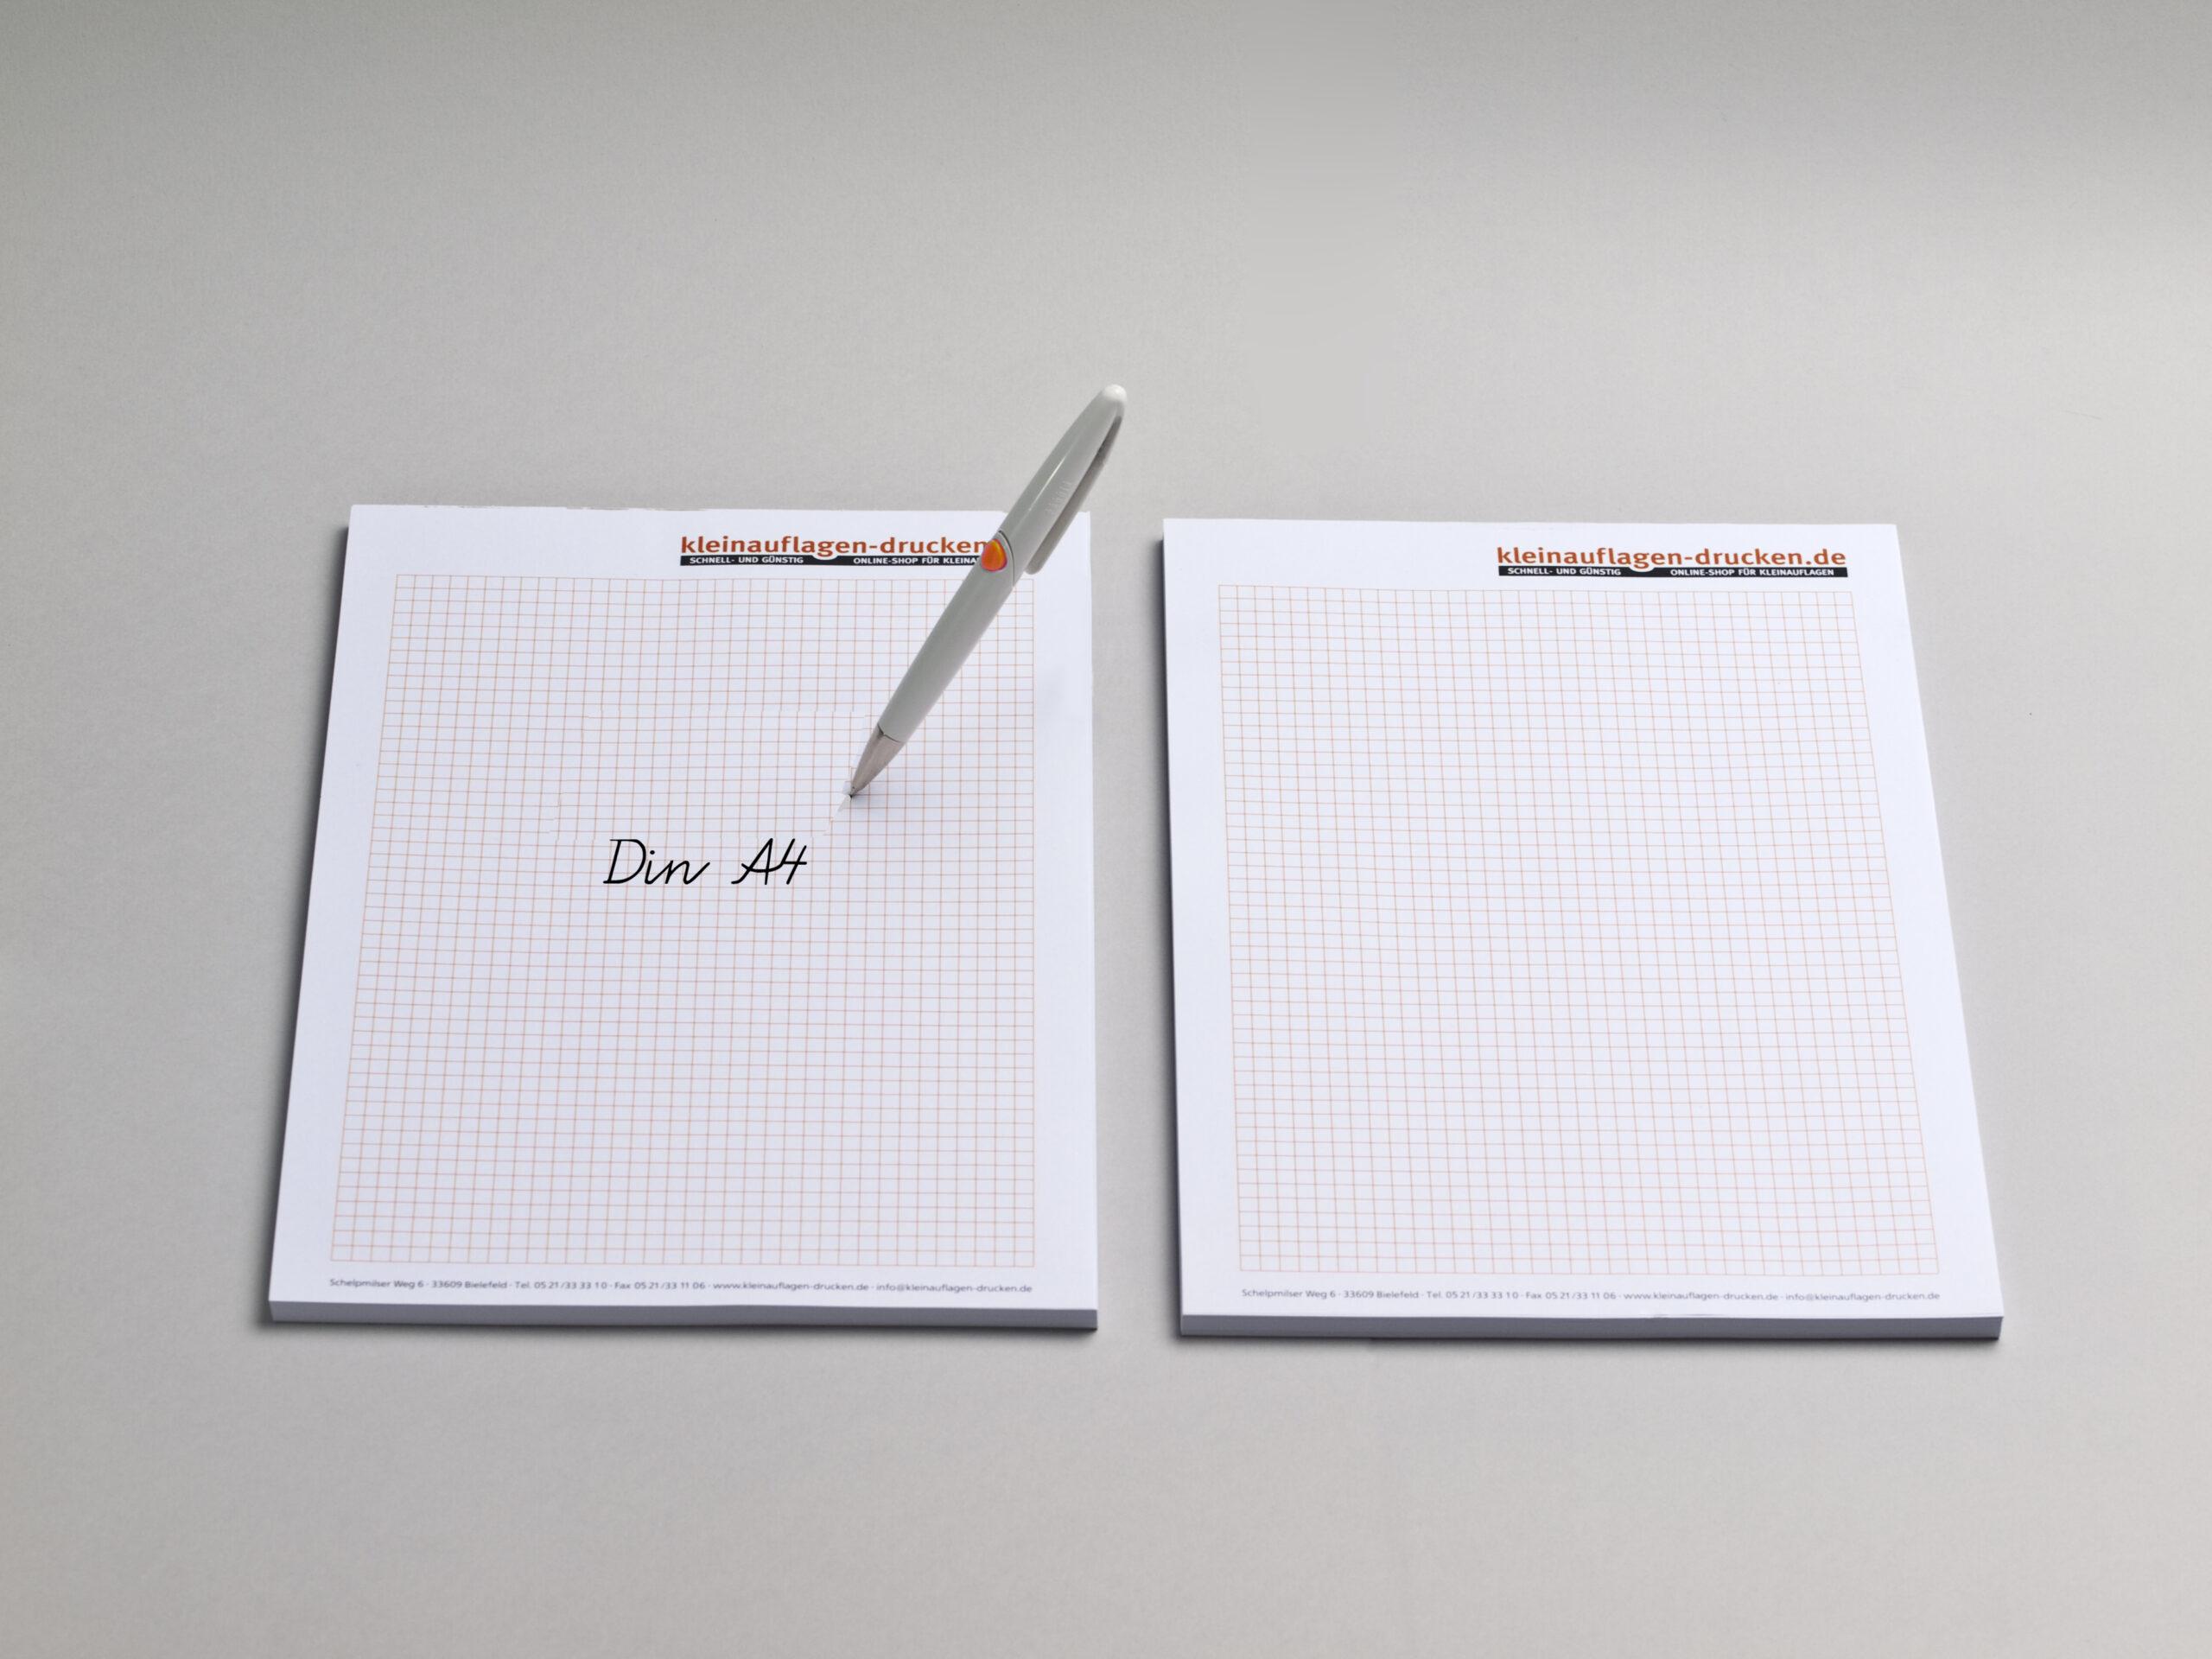 Übersichtsbild zum Bestellen von Schreibblöcken in DIN A4